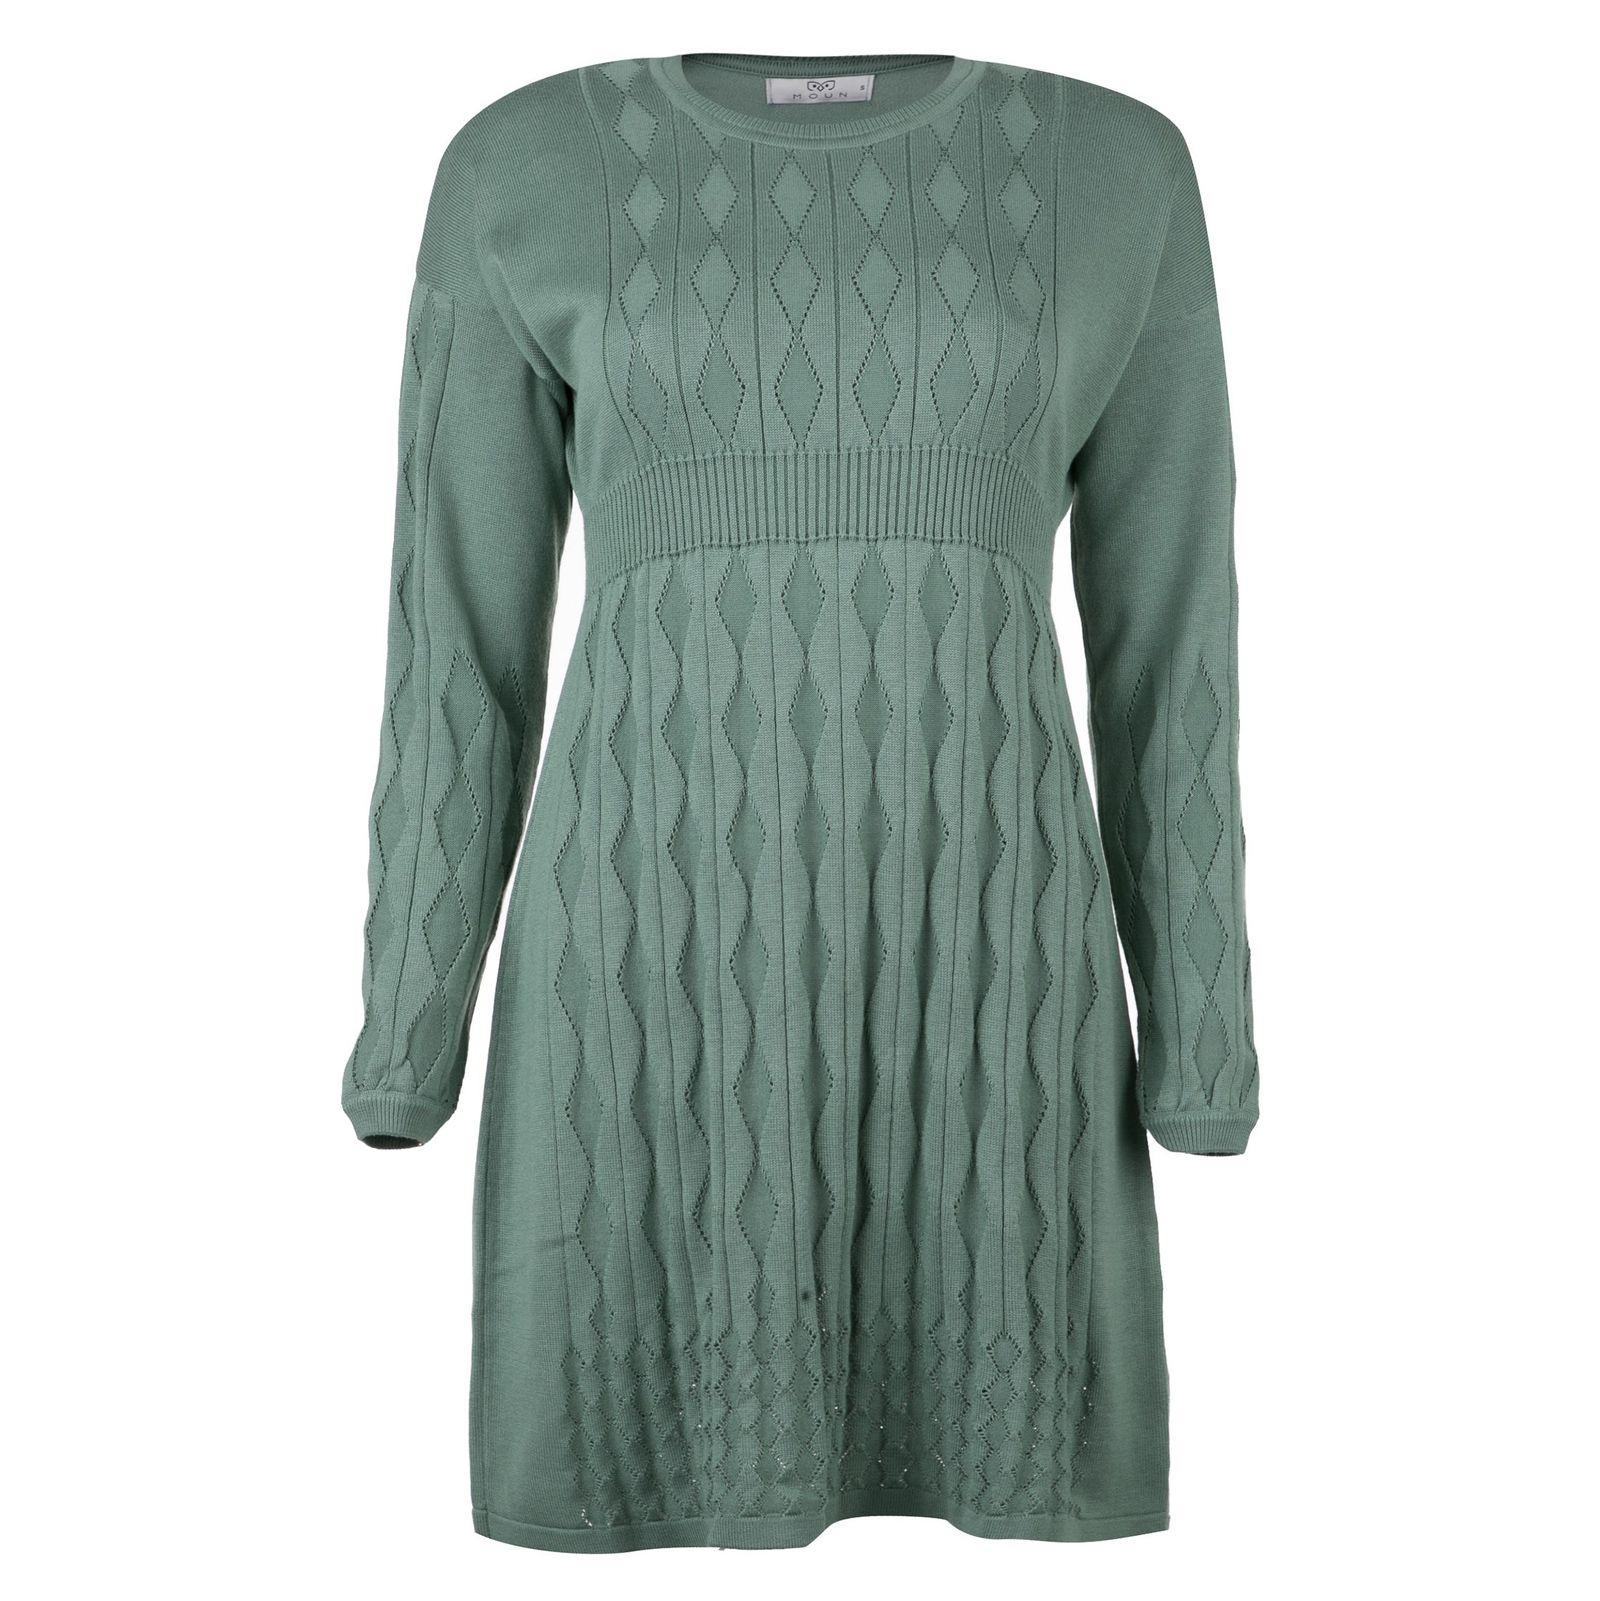 پیراهن میدی زنانه - مون - سبز - 1